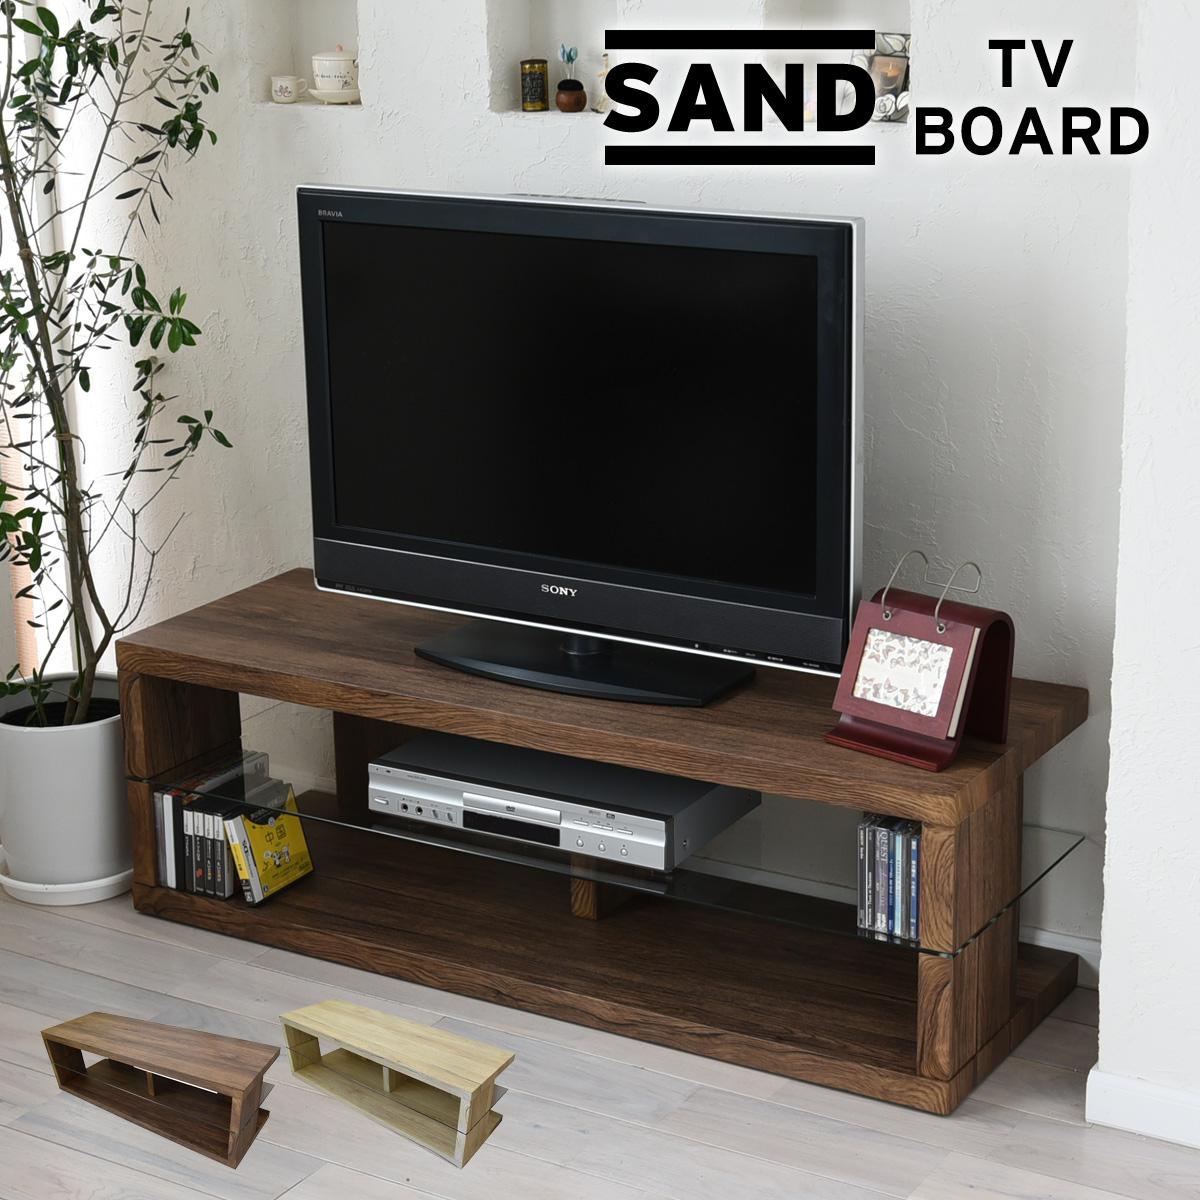 【送料無料】 【メーカー直送・代引不可】SAND テレビ台